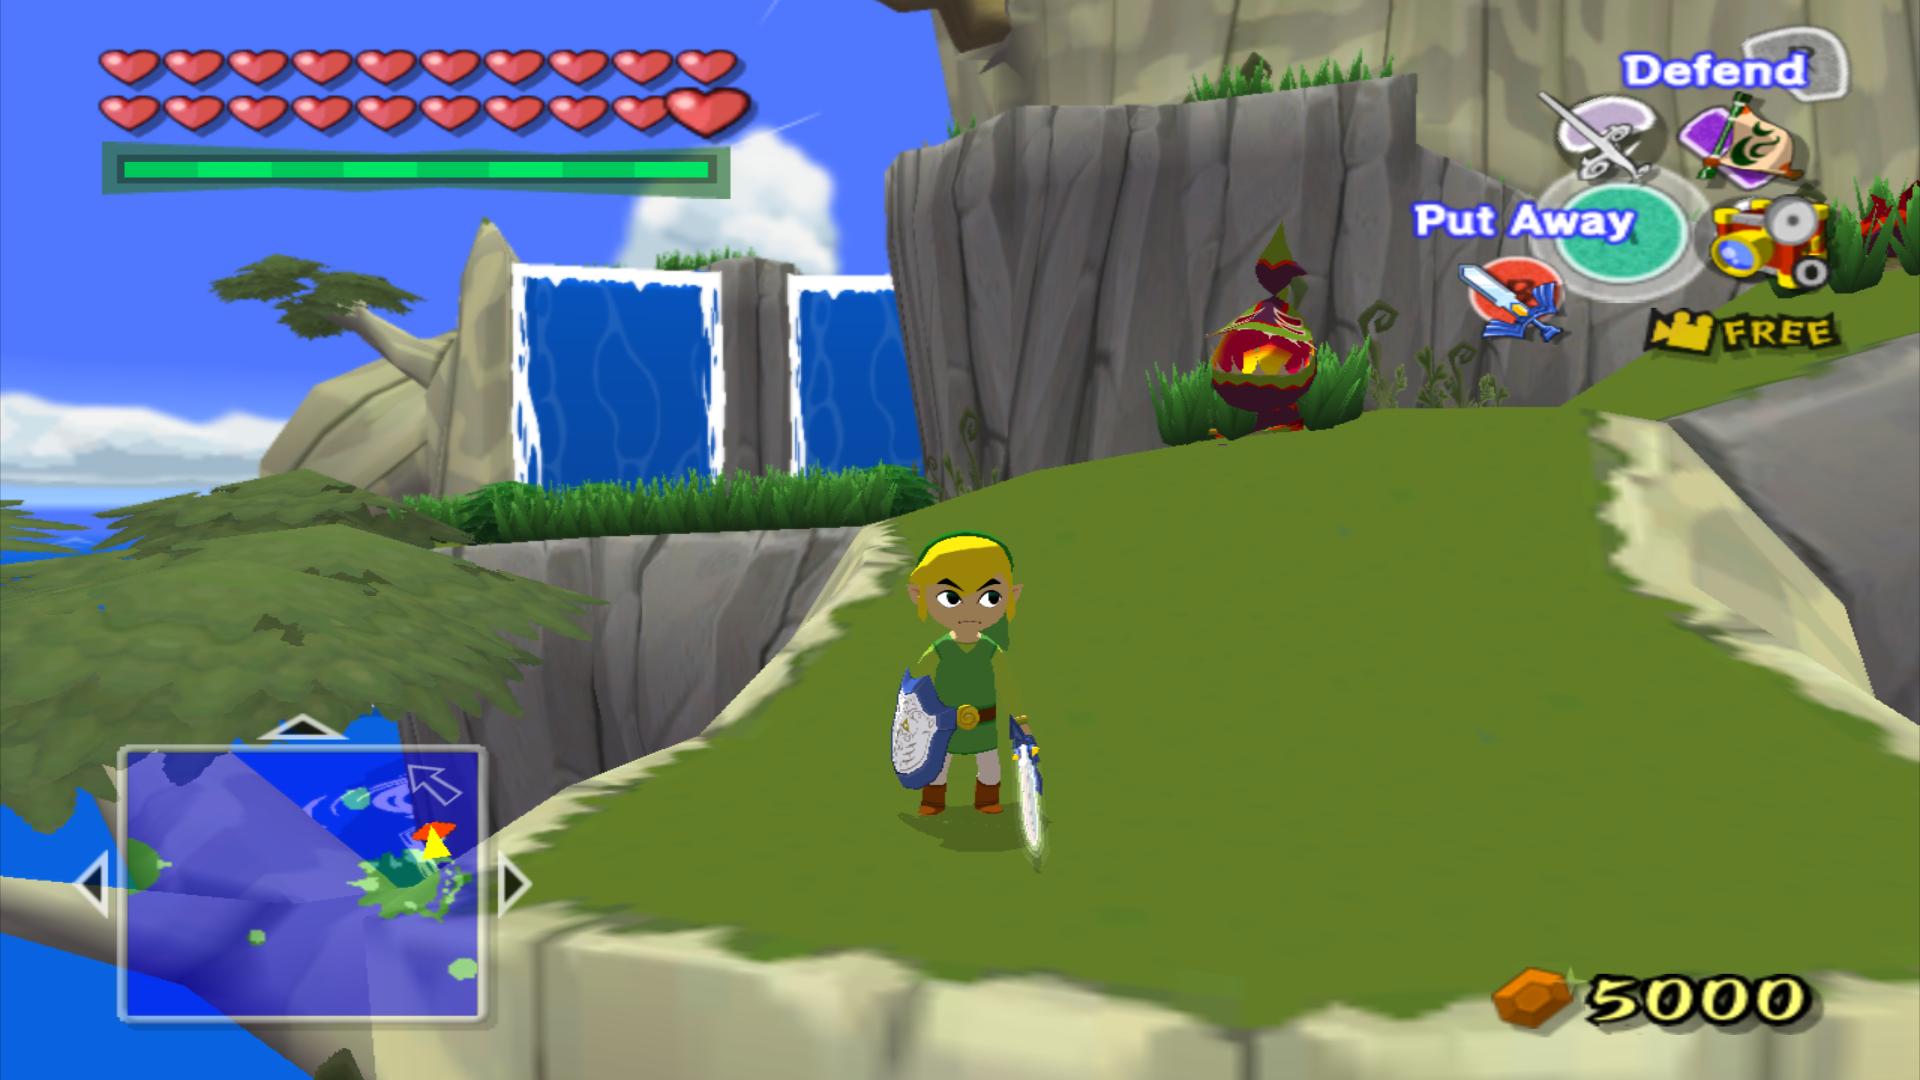 Emulator Issues #9848: Widescreen